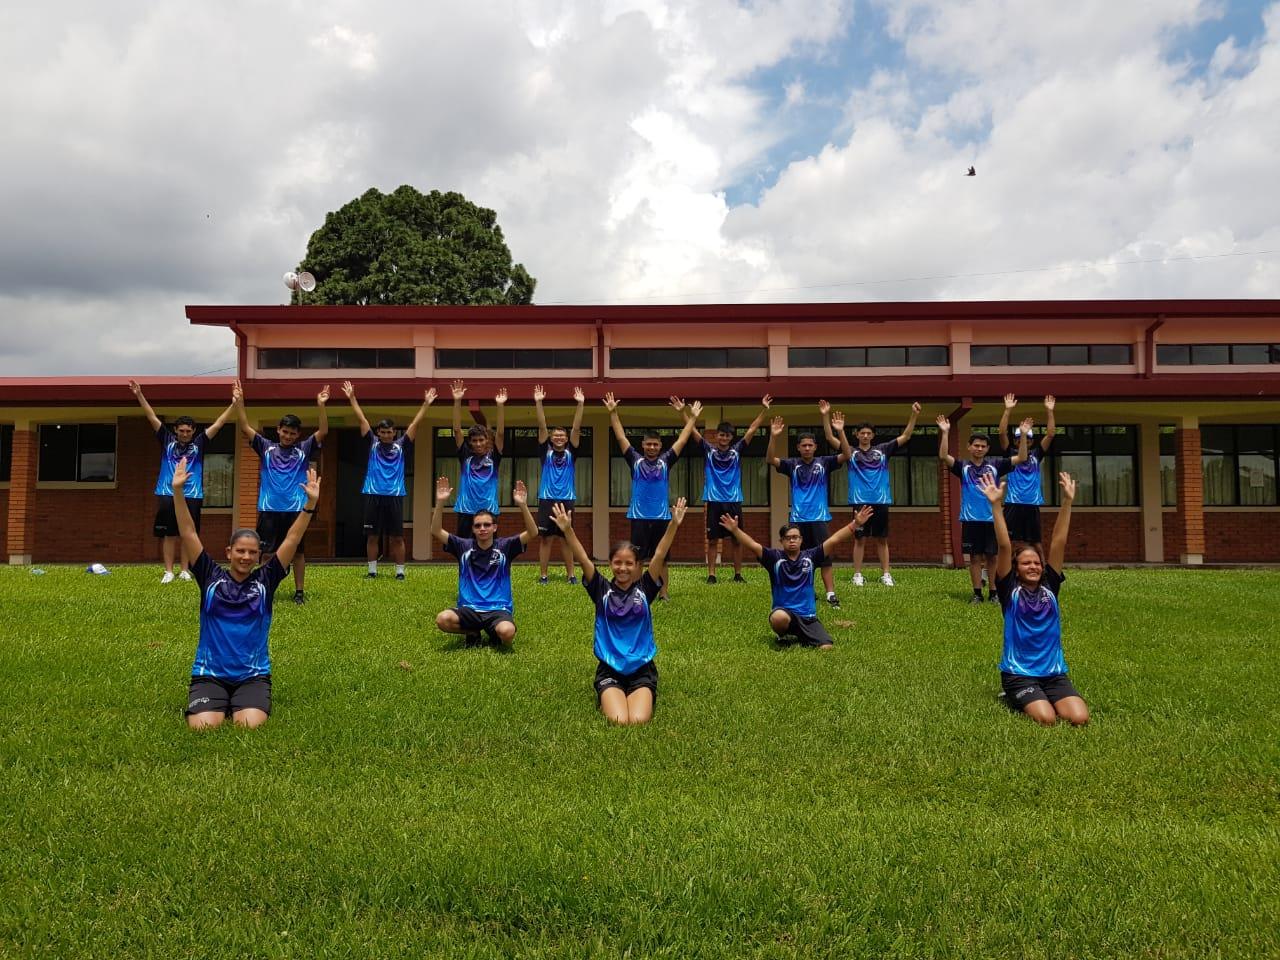 Olimpiadas Especiales Costa Rica inicia su preparación rumbo a Juegos Mundiales de Invierno Kazán 2022